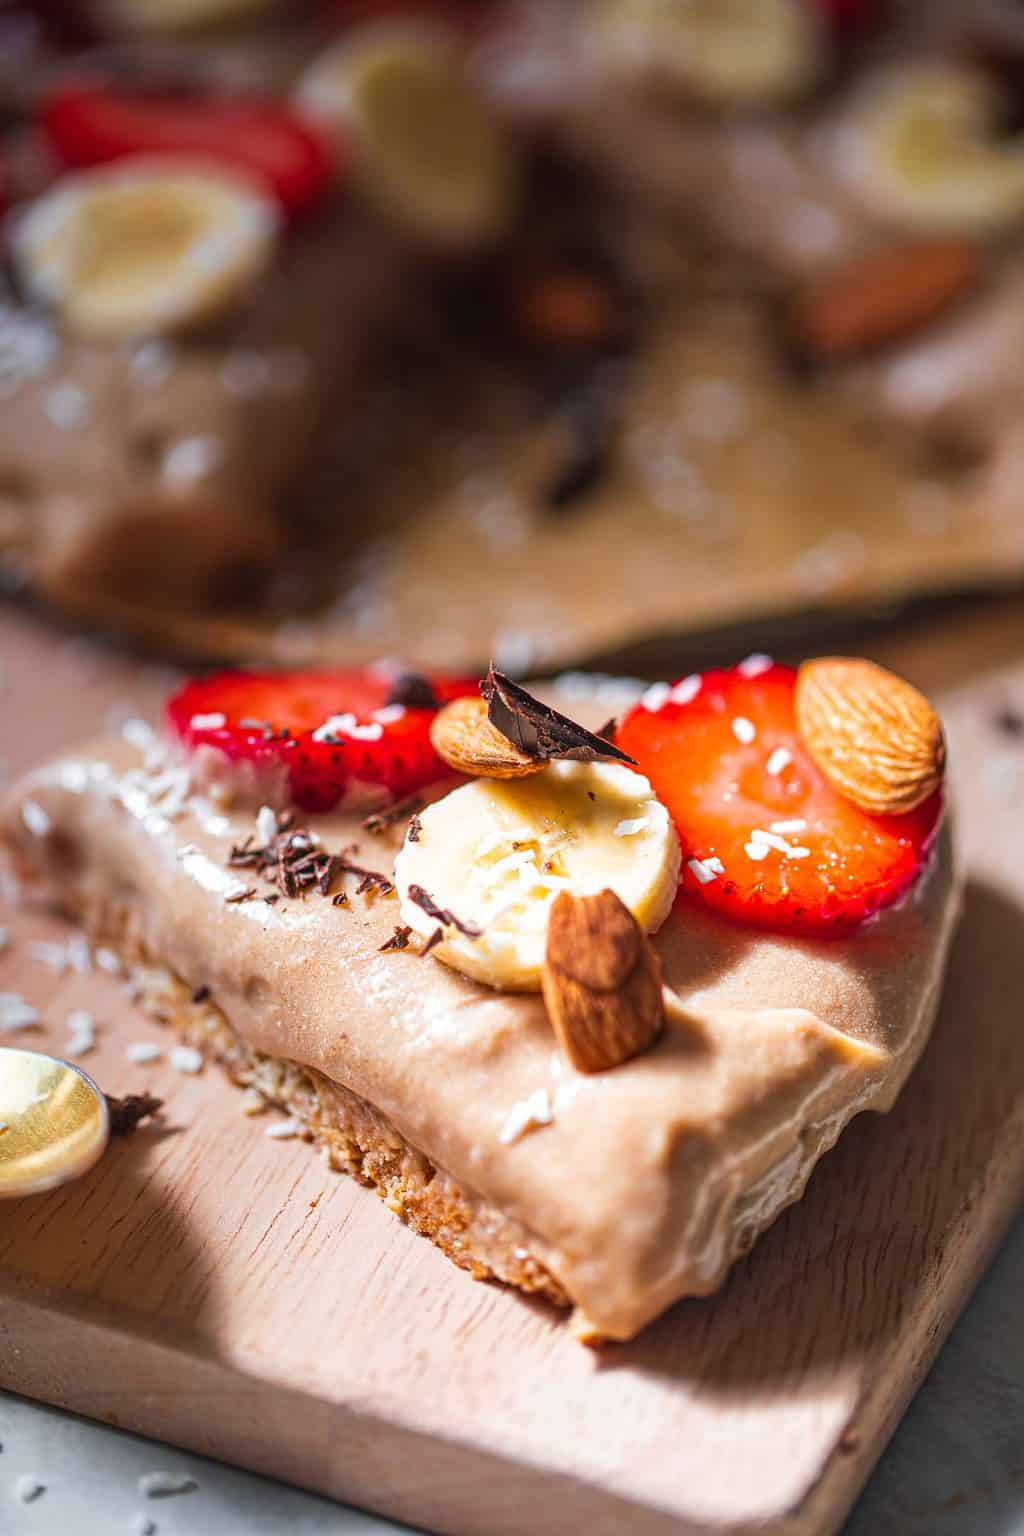 Vegan banana cream pie gluten-free